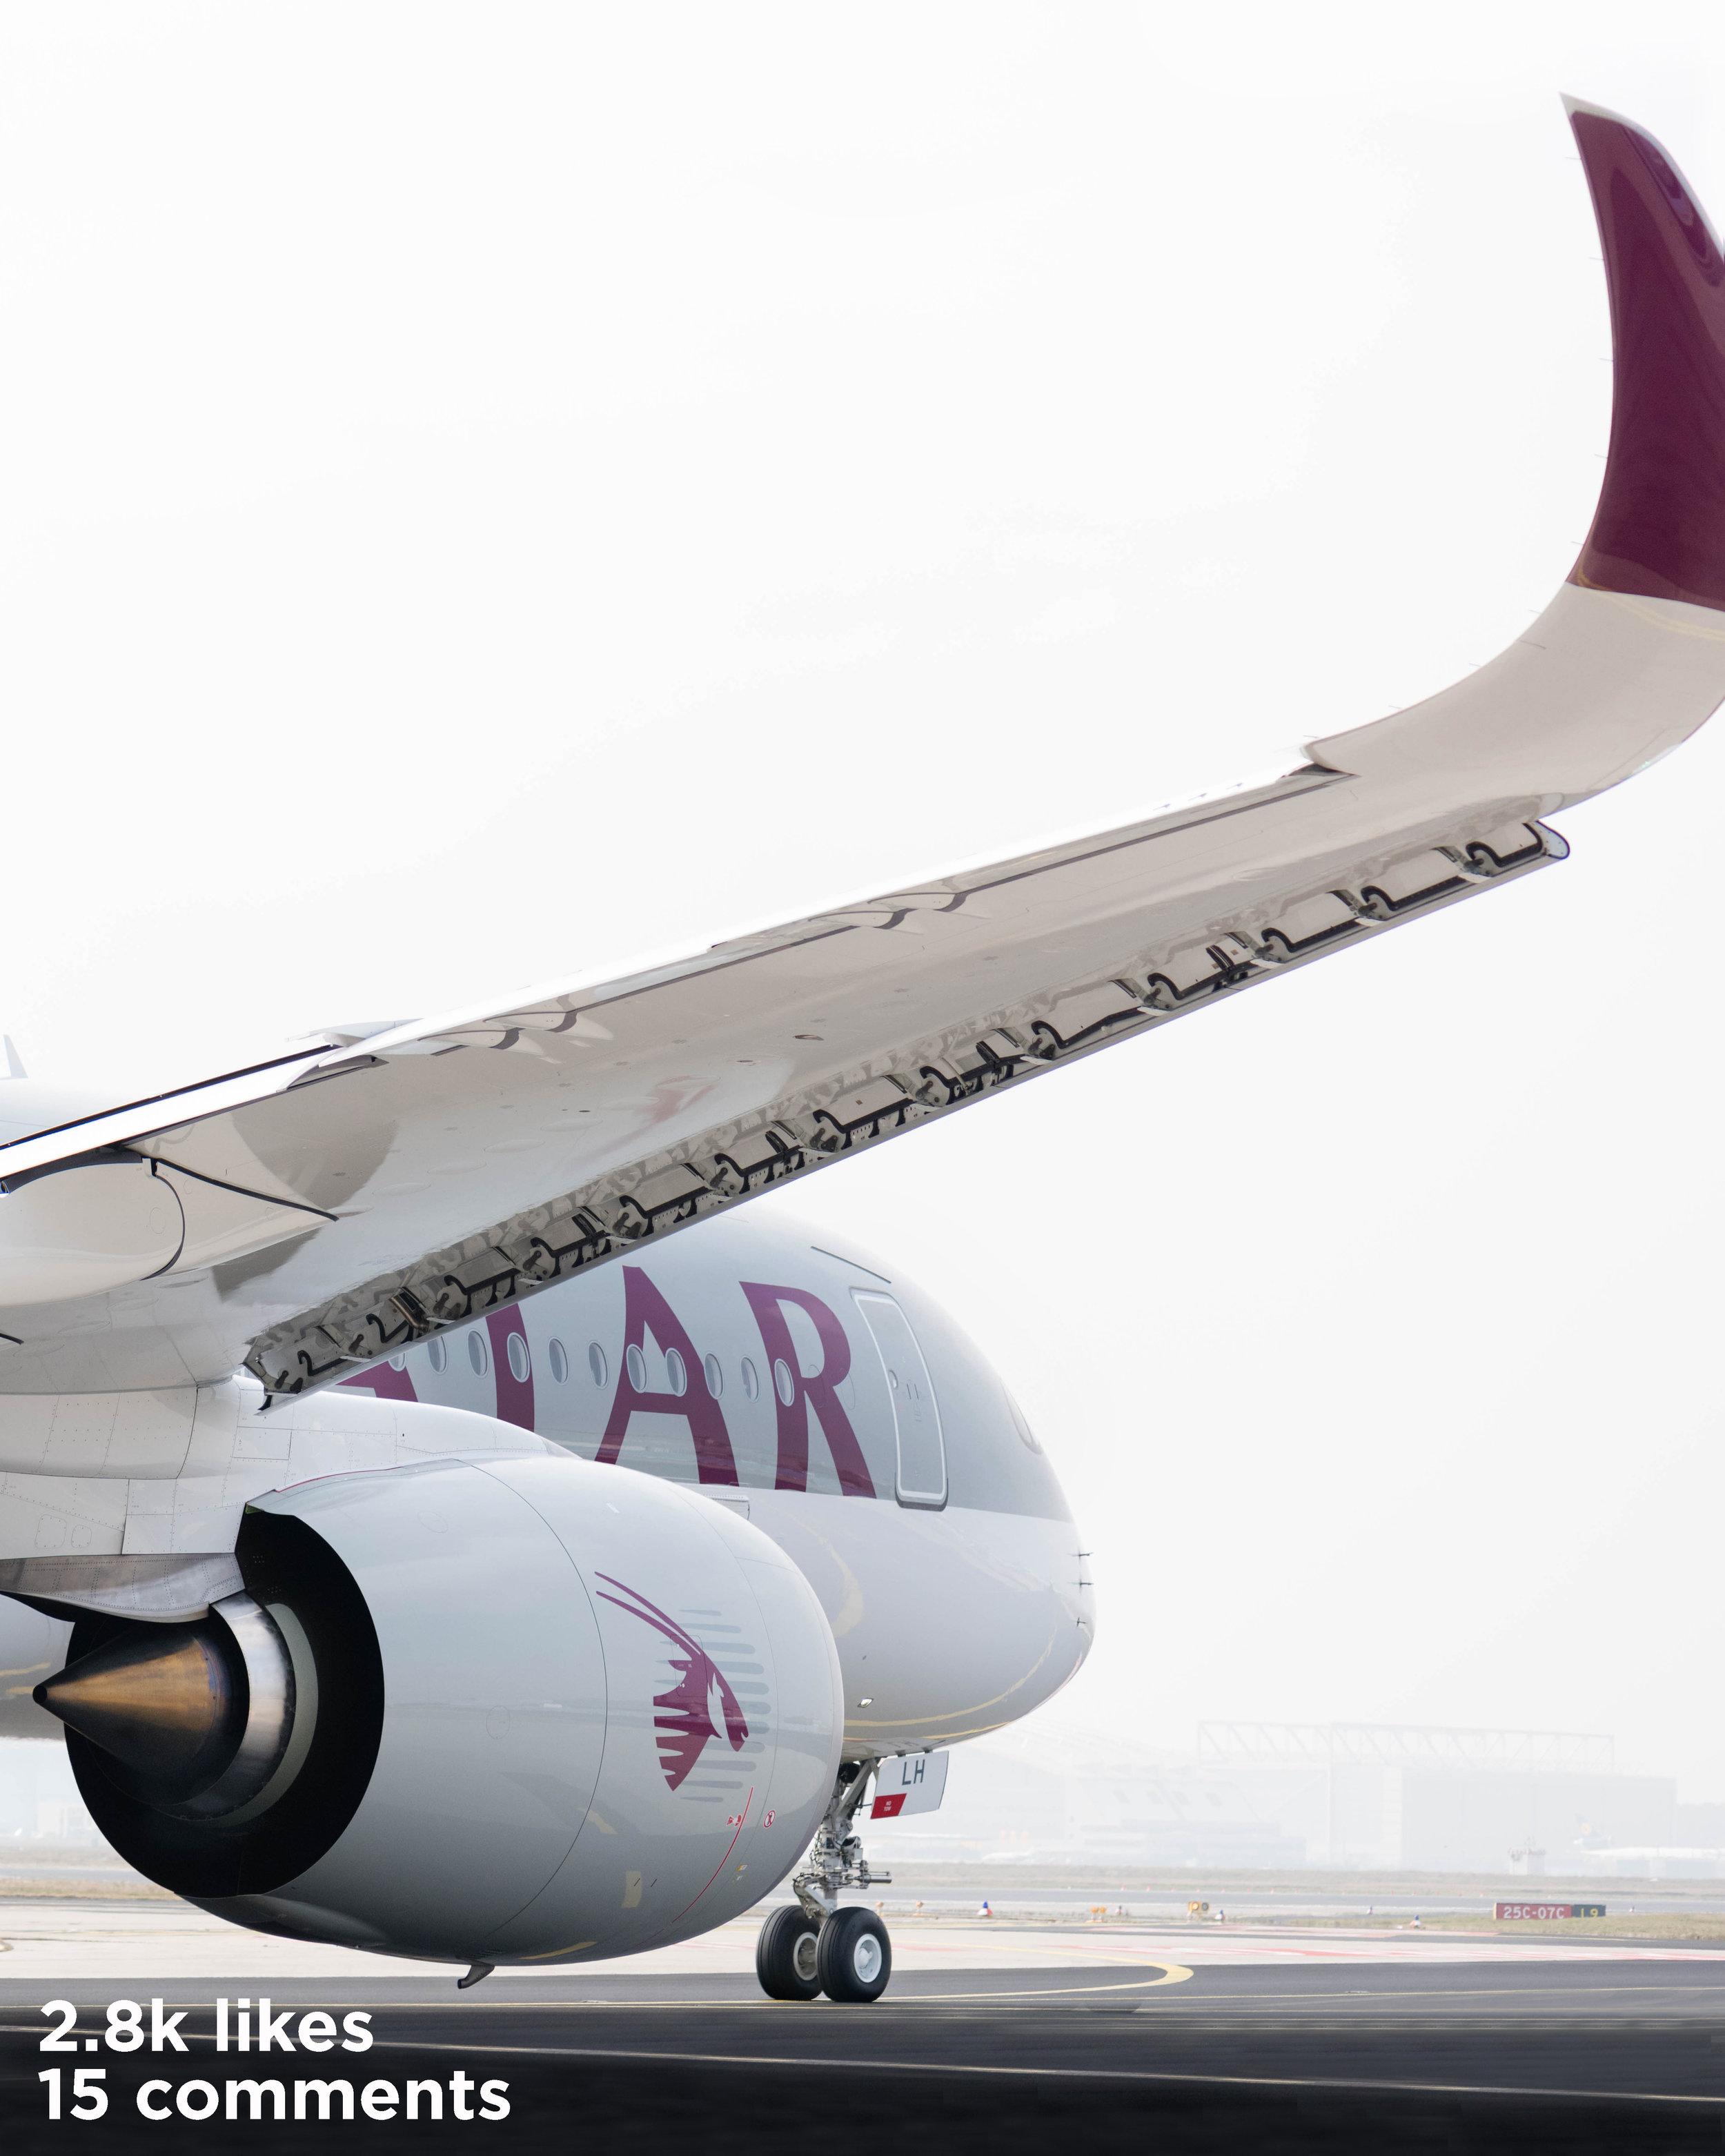 qatar wing a350 (1 of 1).jpg